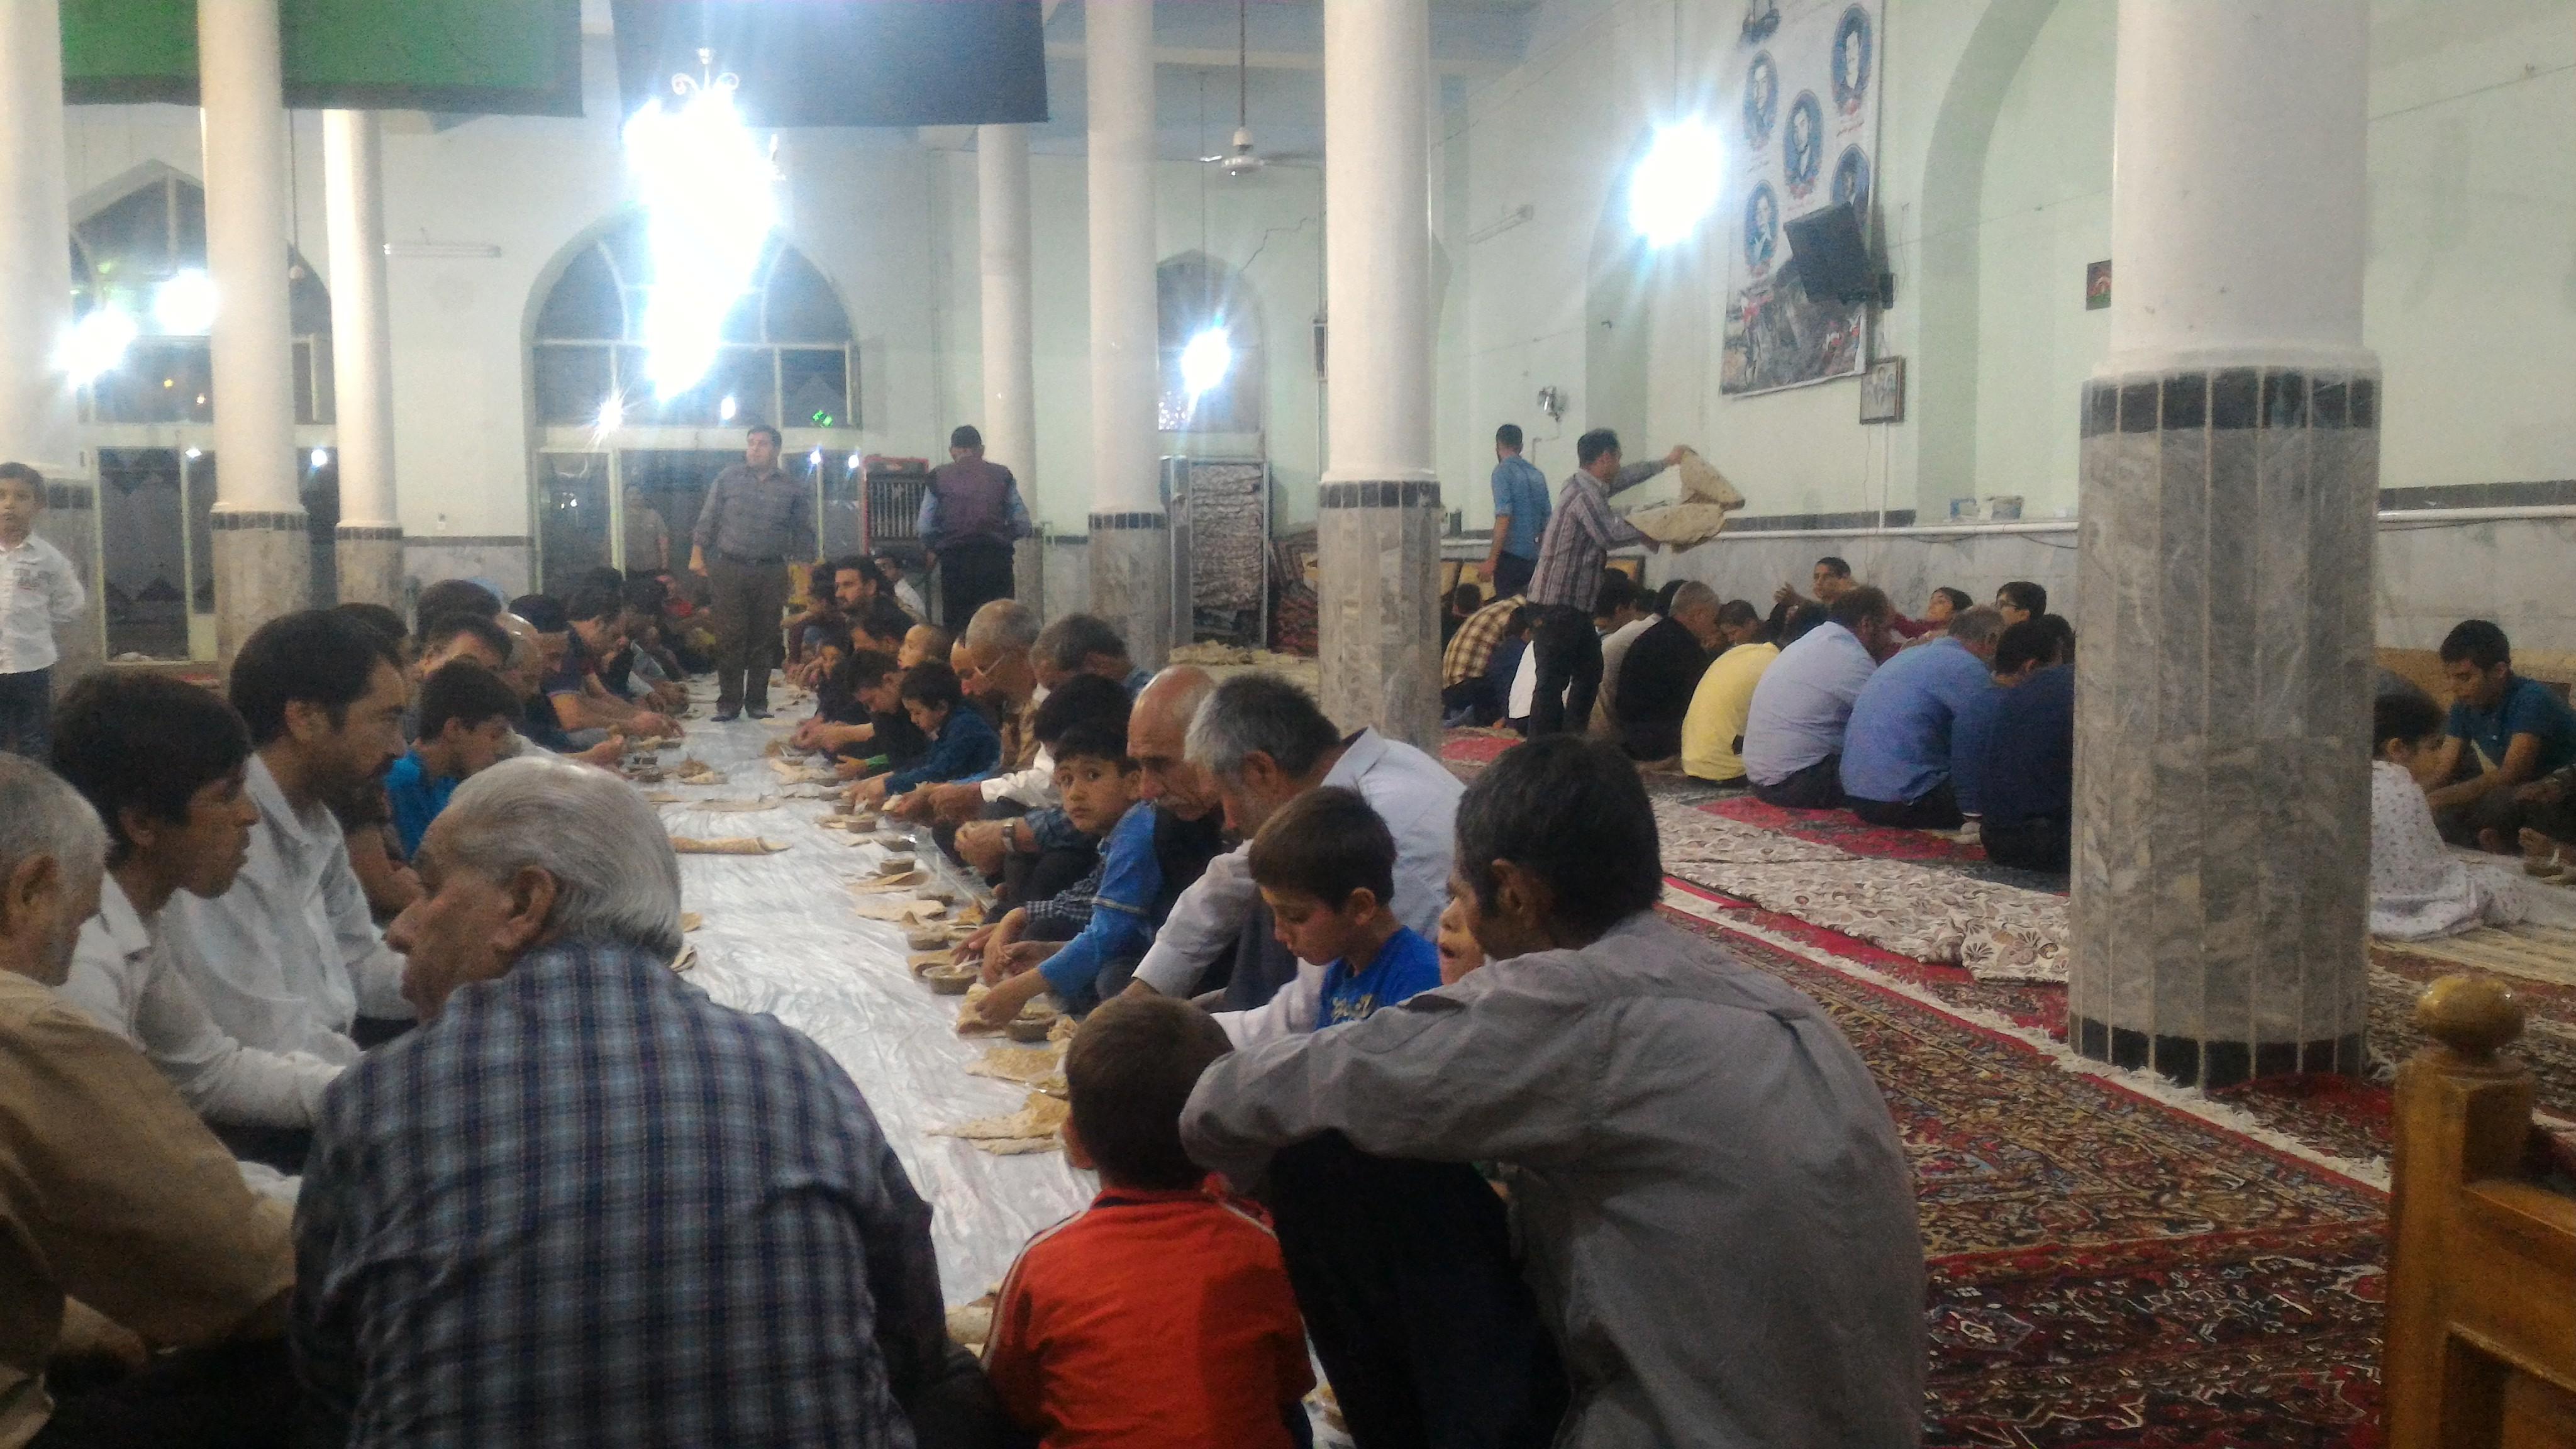 فلاورجان/ضیافت افطاردرمسجد امام حسن عسگری(ع) روستای دشتچی برگزارشد